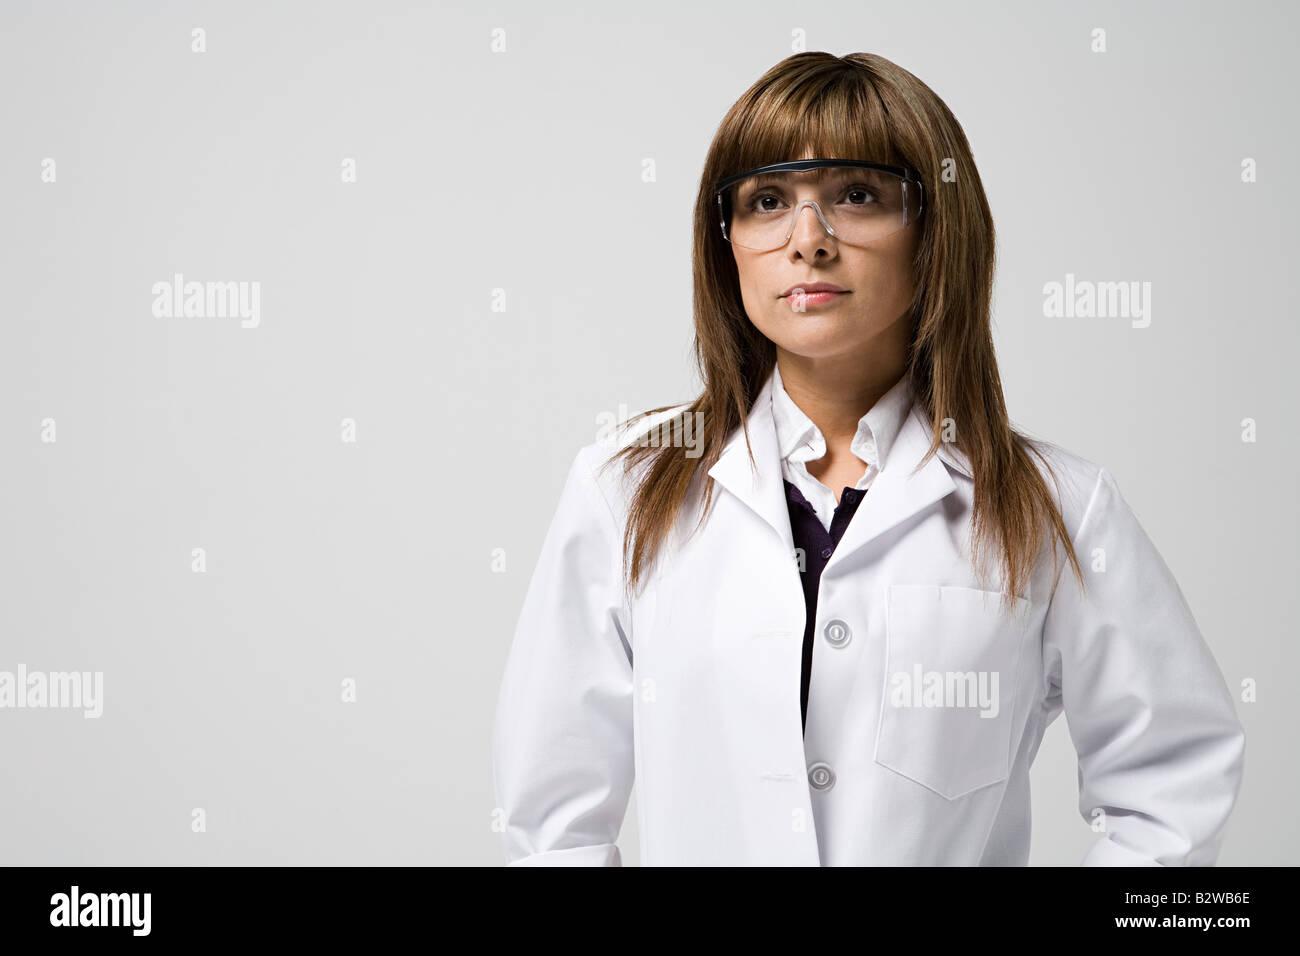 Porträt eines Wissenschaftlers Stockfoto